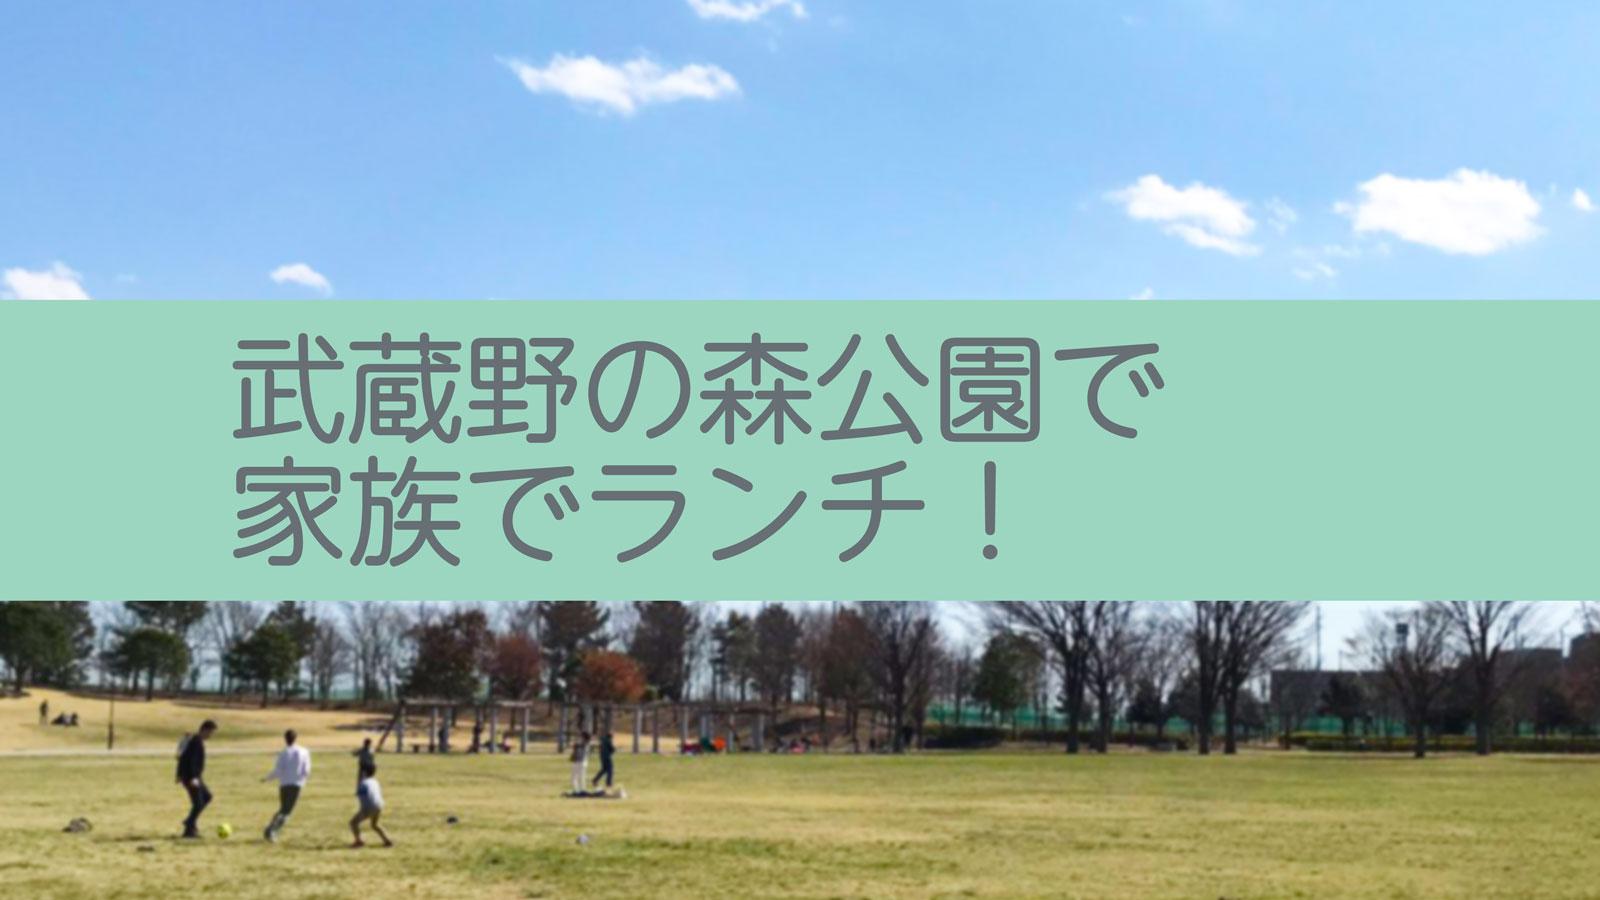 【おでかけ】武蔵野の森公園でランチ 飛行機の離発着もみれる!【かわうそ】